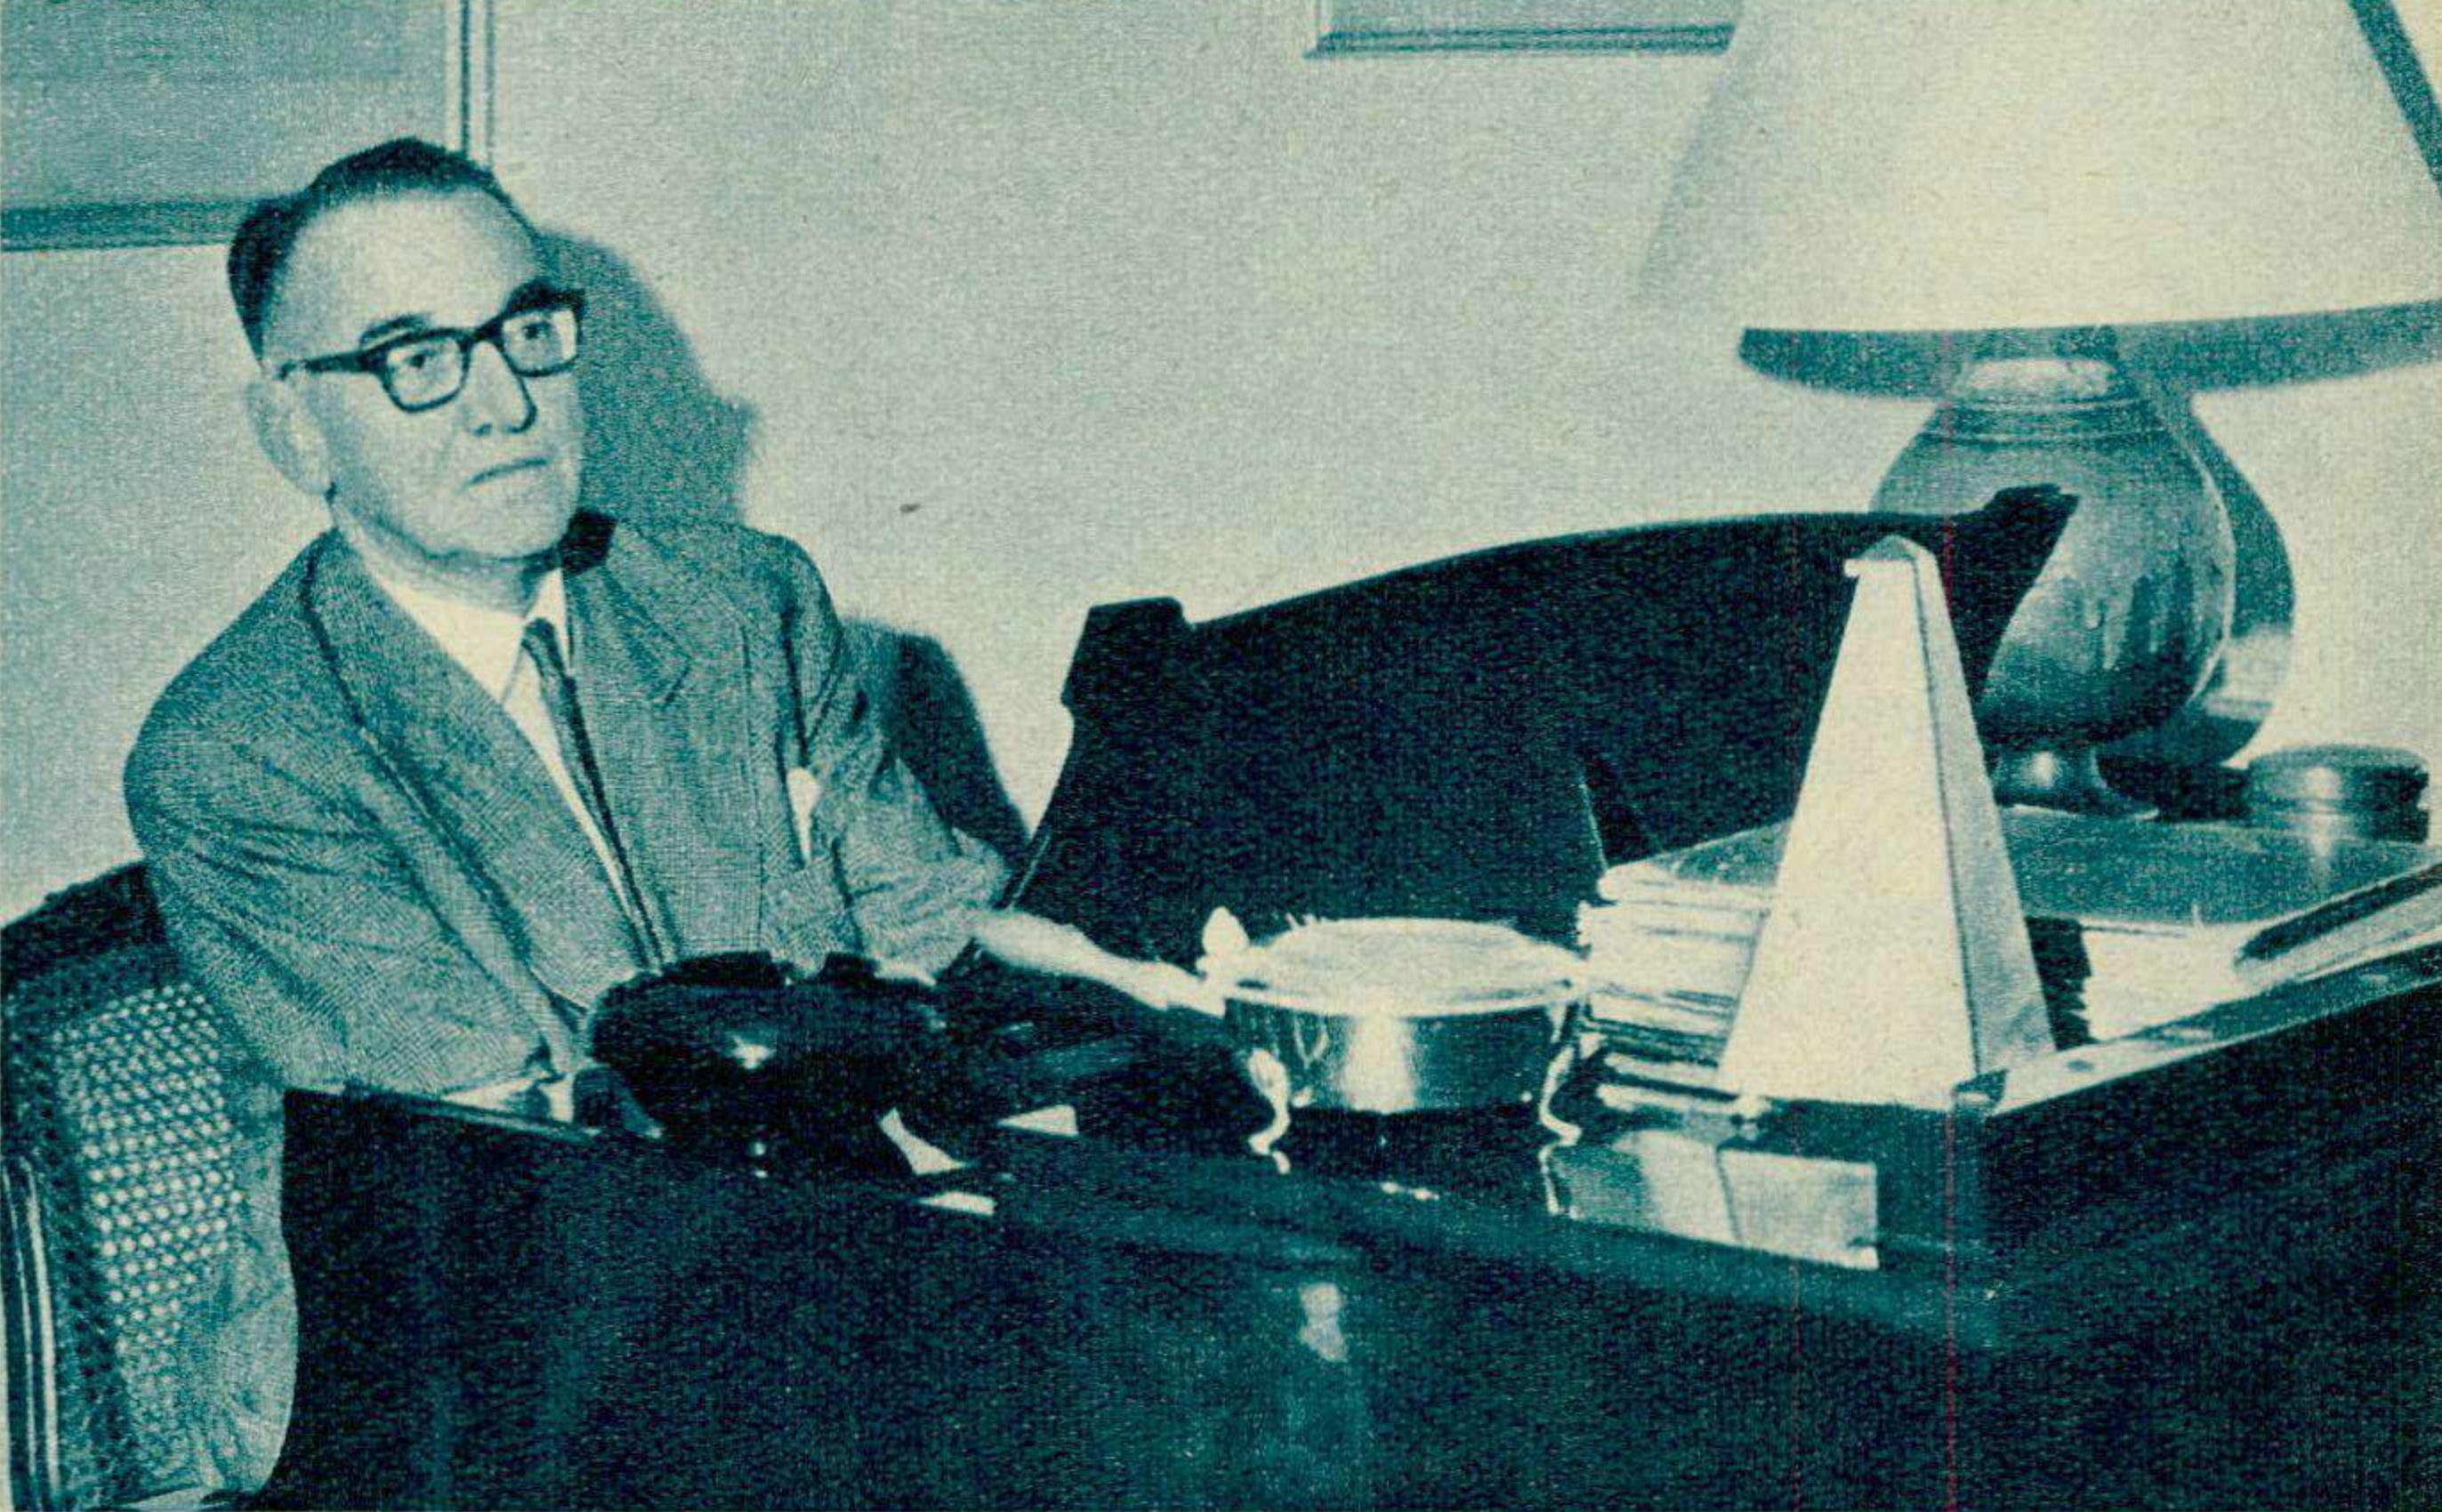 Jacques FÉVRIER au piano, une photo parue entre autres dans le Radio TV Je vois tout du 13 décembre 1962 en page 27